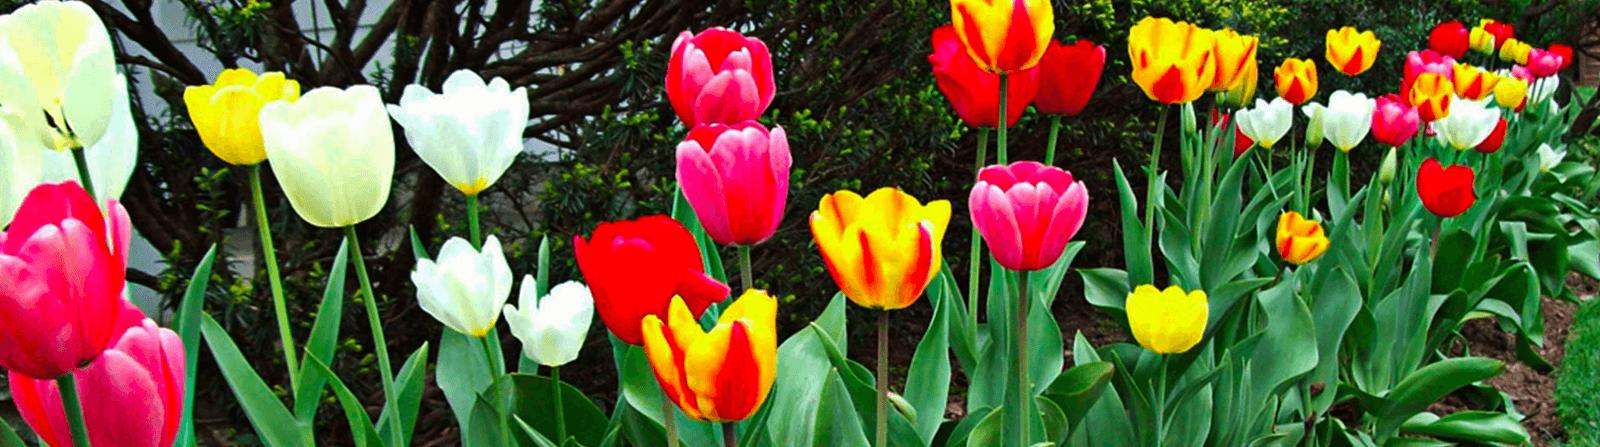 deer protected tulips short hills nj